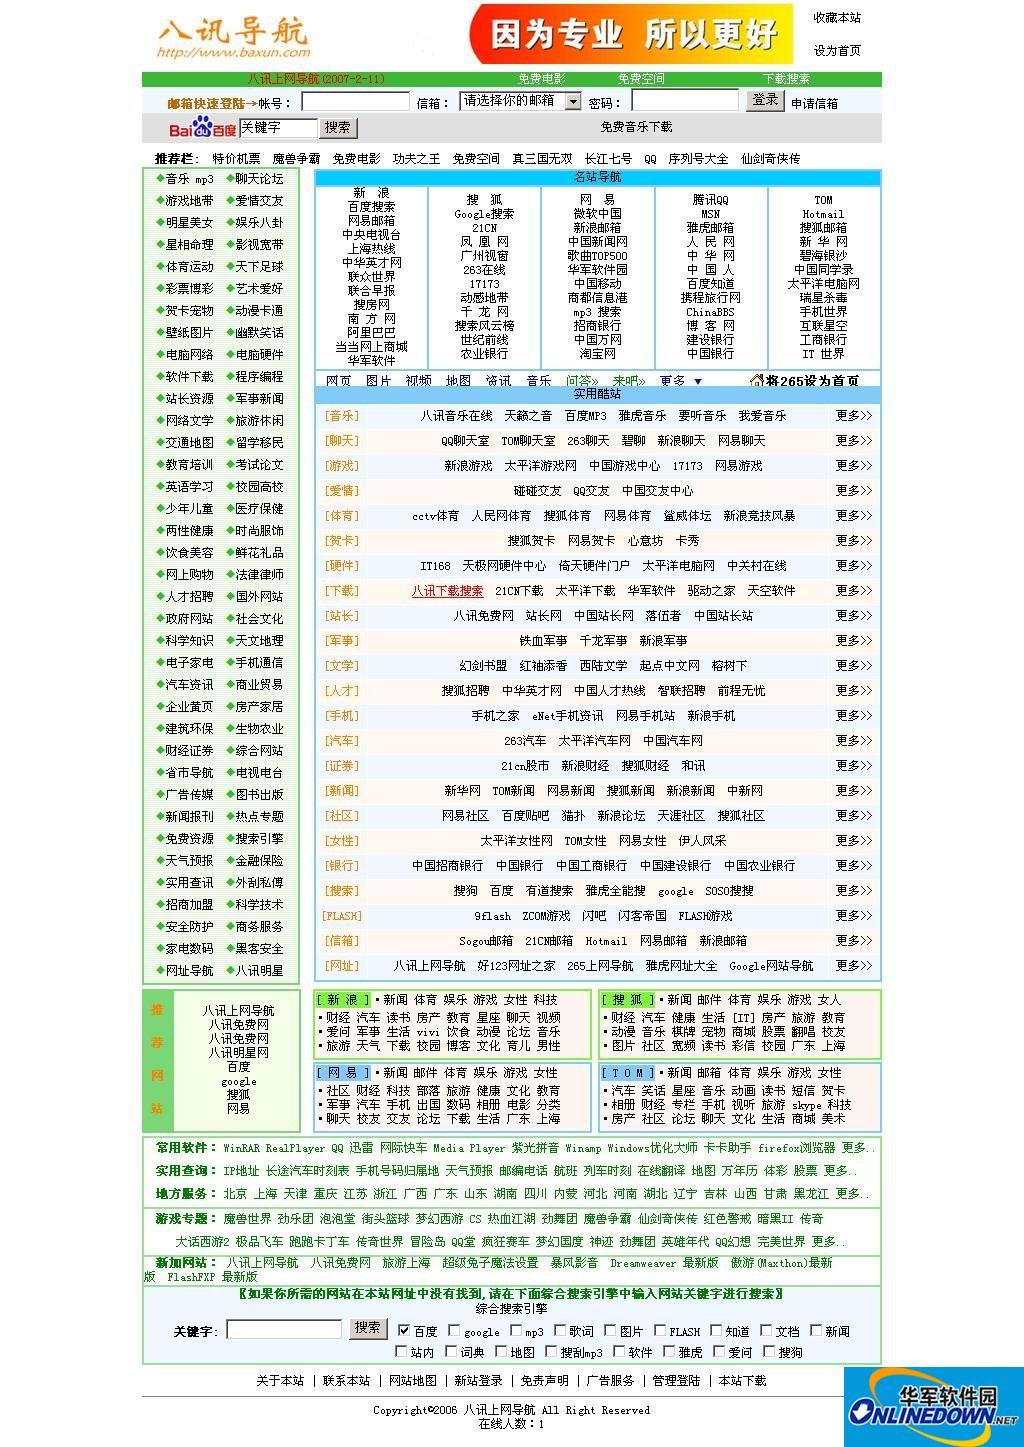 八讯上网导航(生成html)  5.4